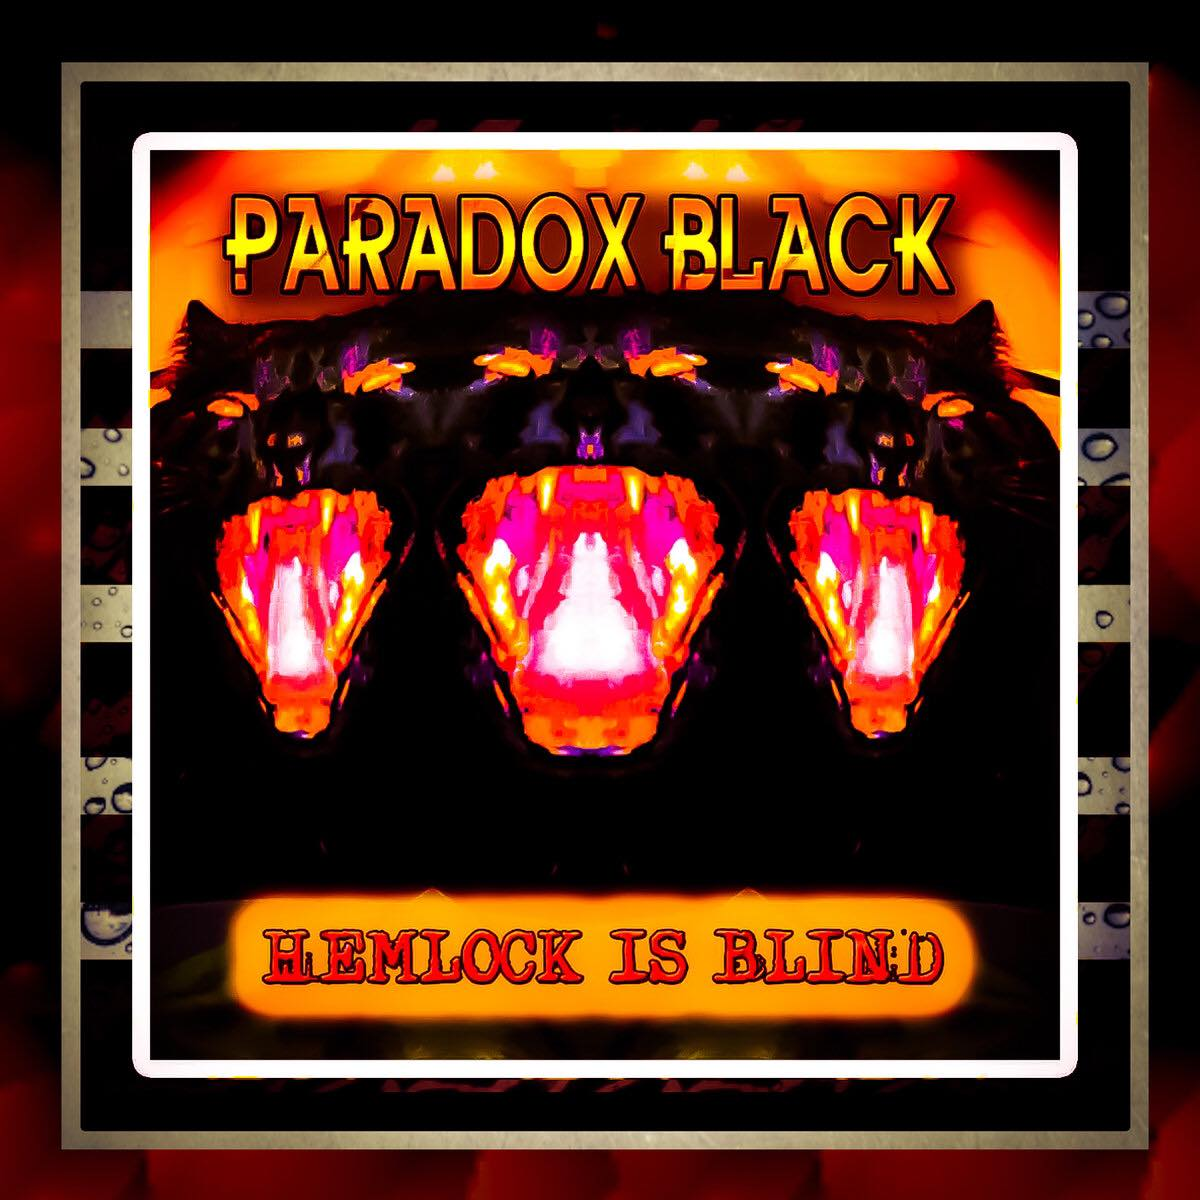 paradox black hemlock is blind